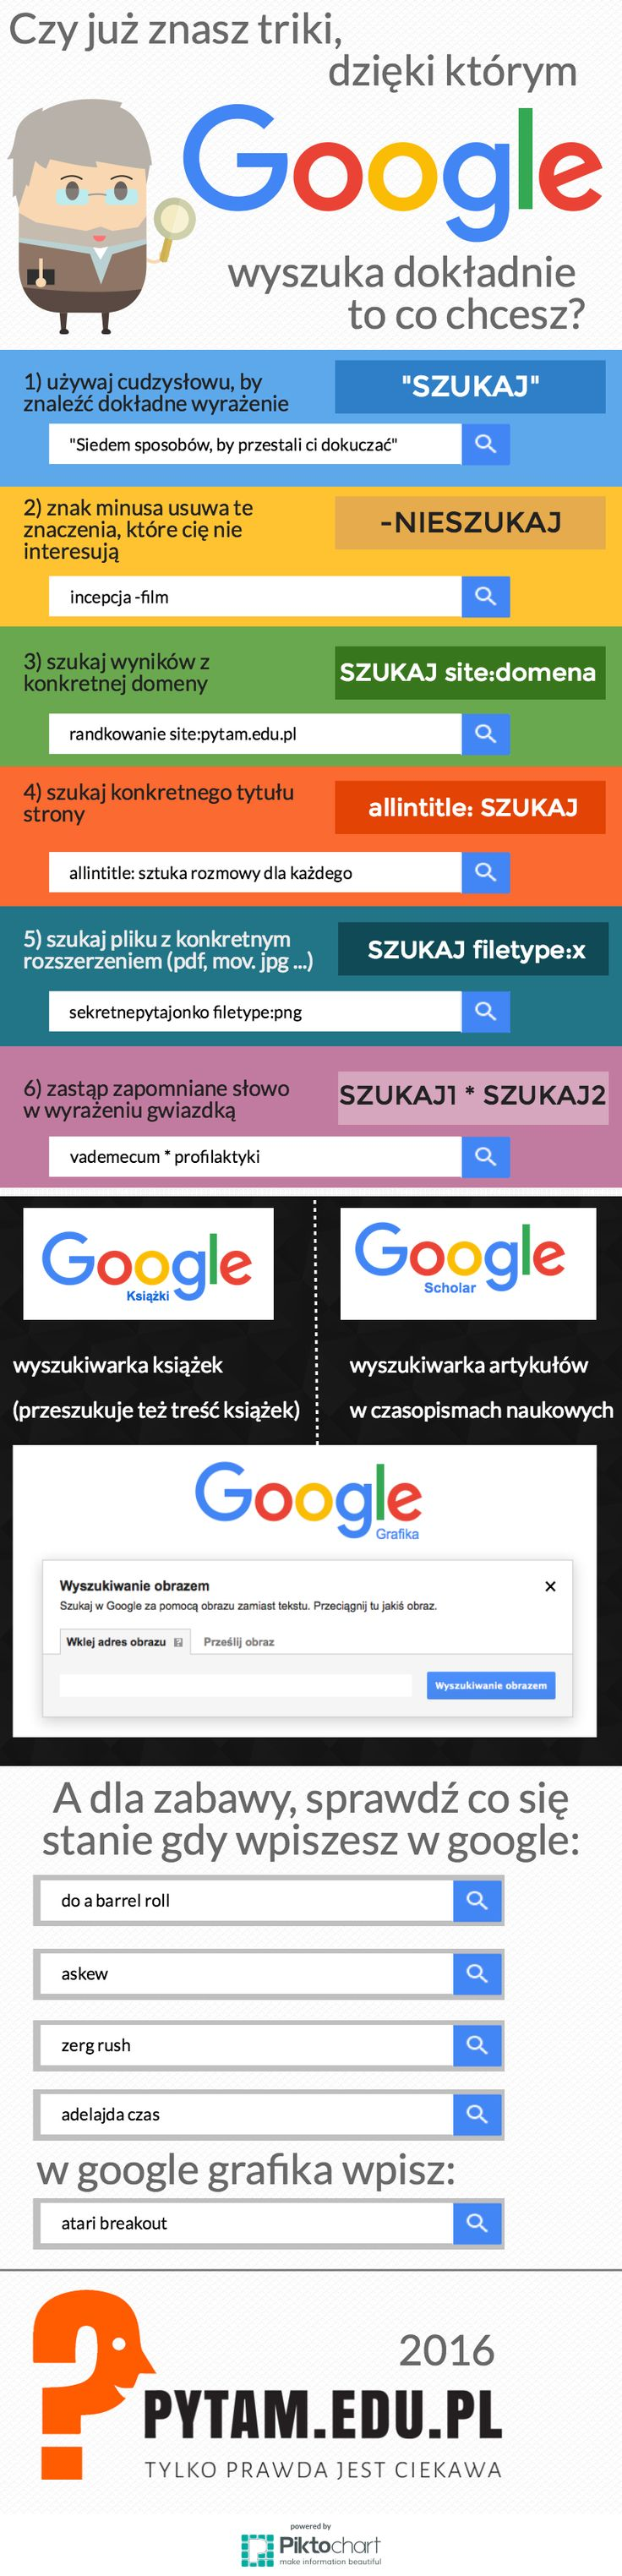 Jak dokładniej wyszukiwać w google? infografika